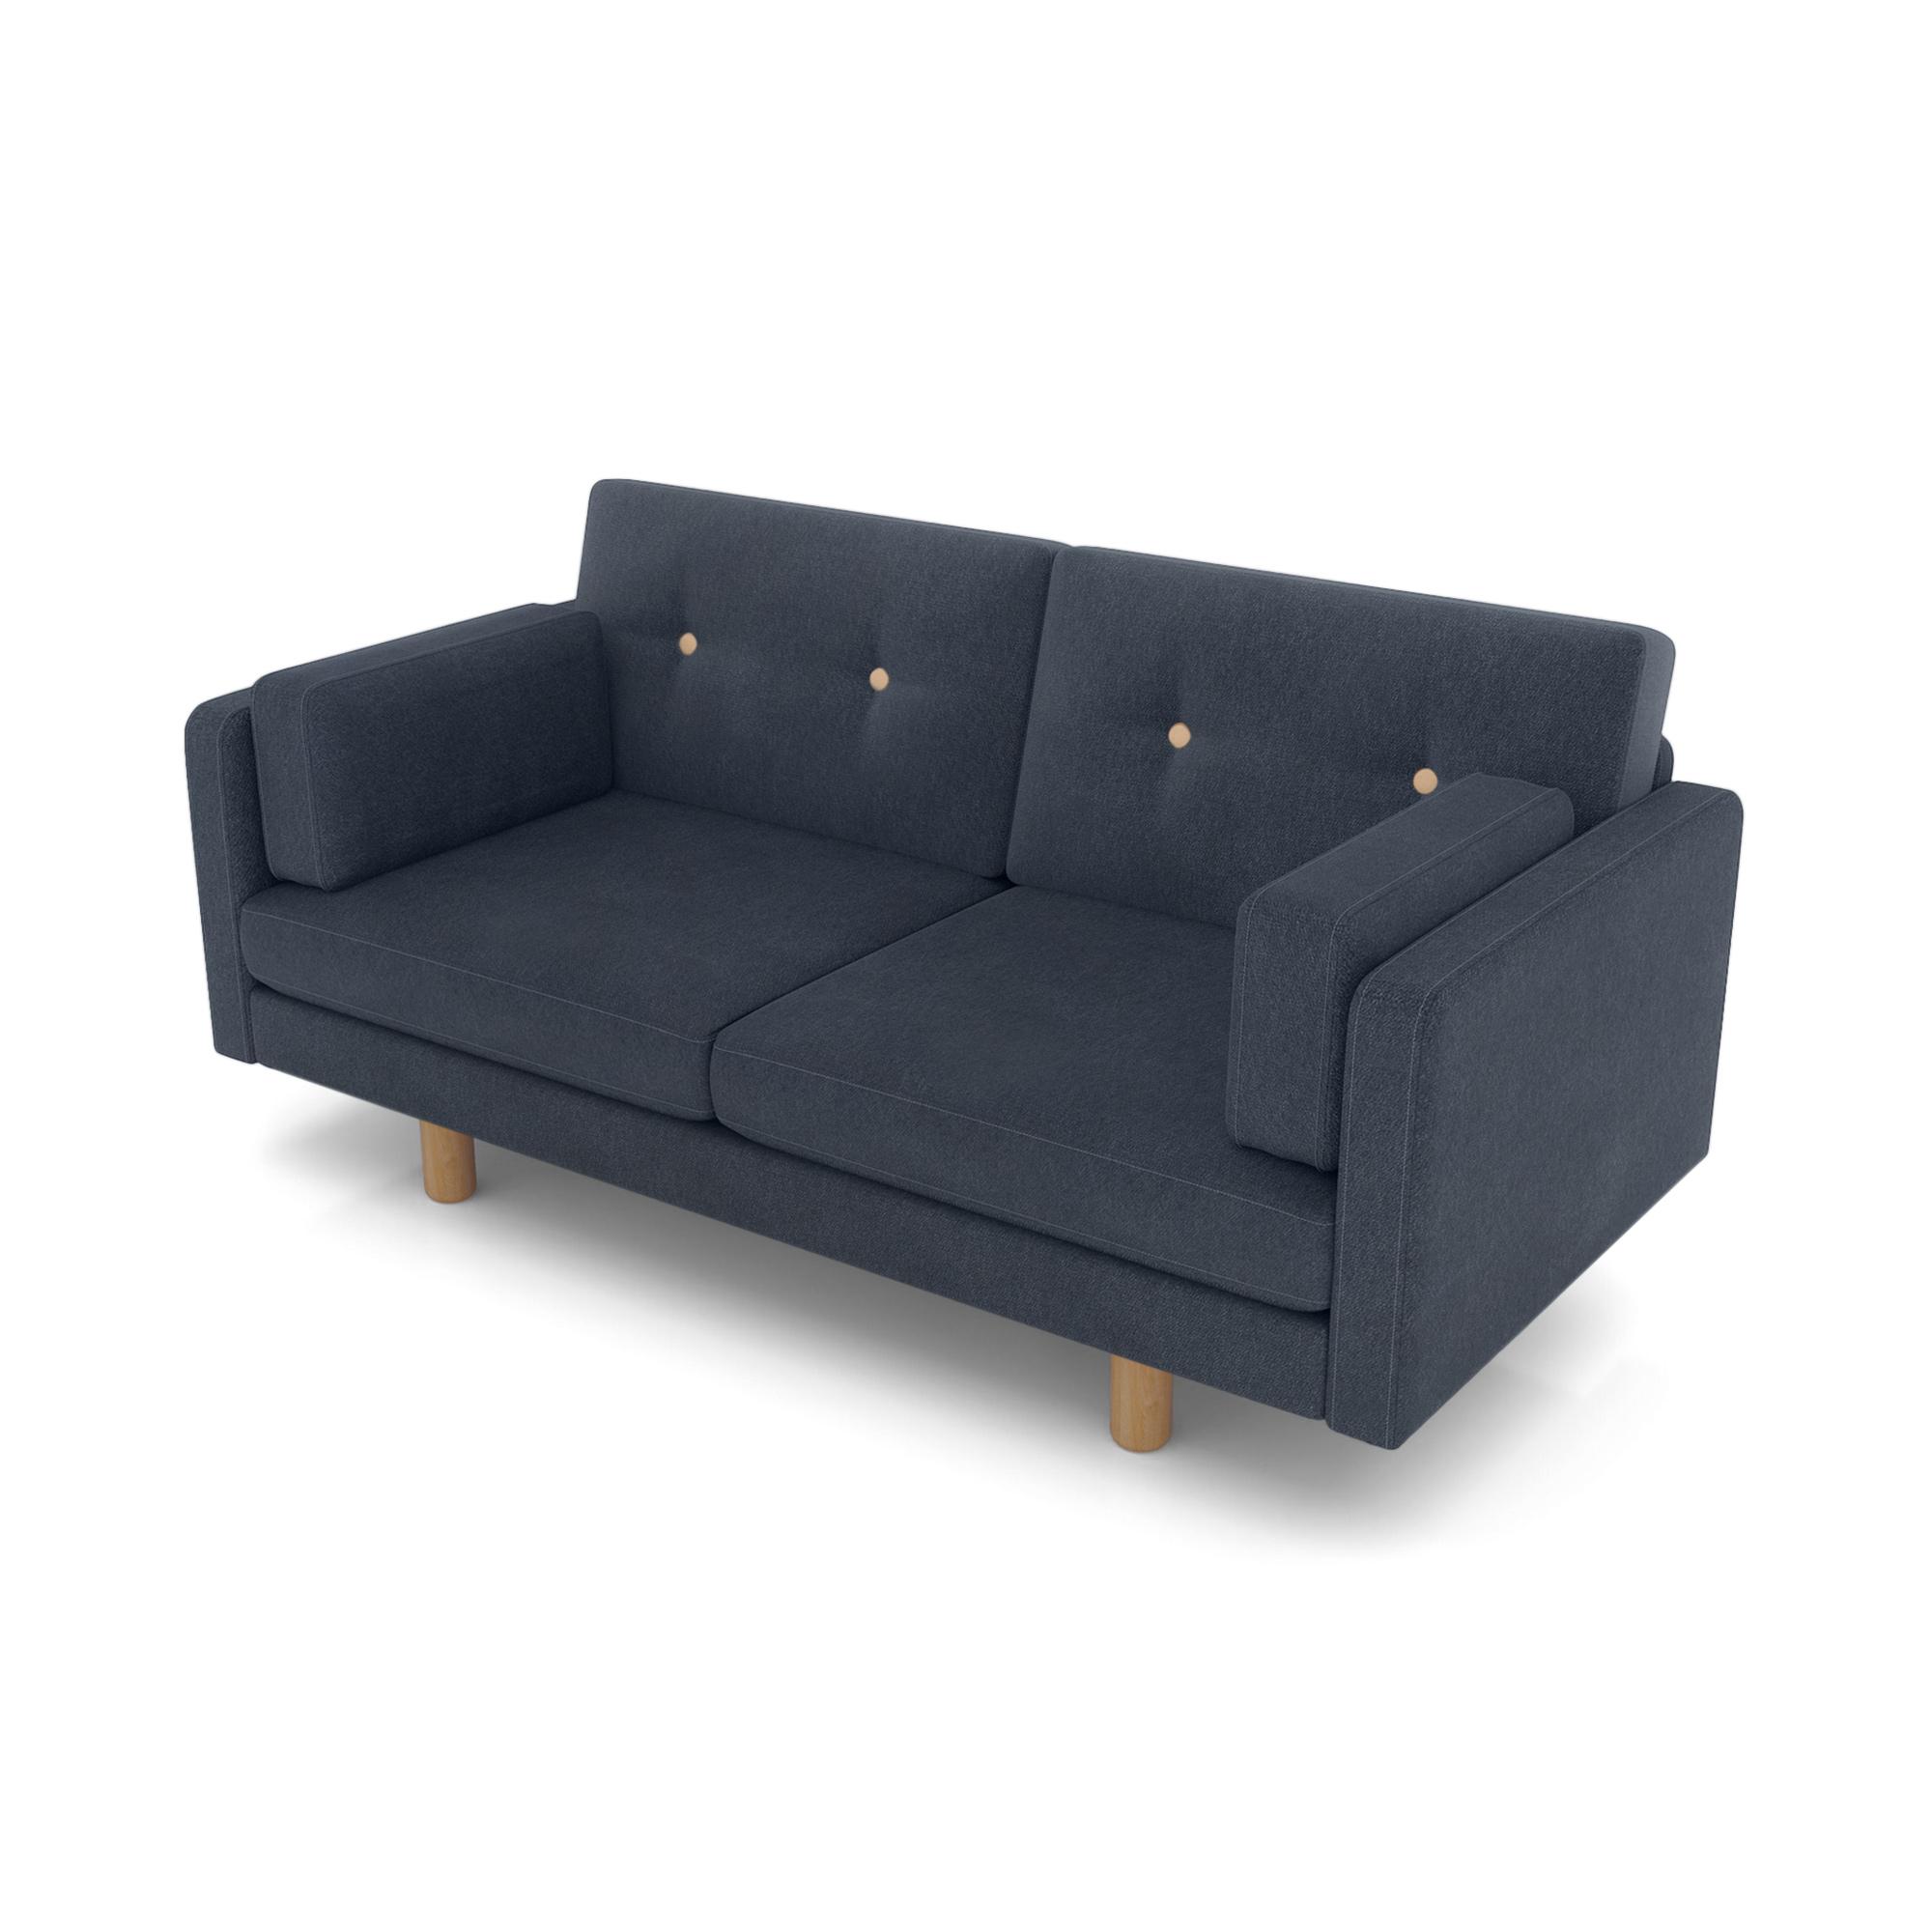 Фото - Диван AS Изабелла м 167x80x83 антрацит диван as изабелла м 167x80x83 синий